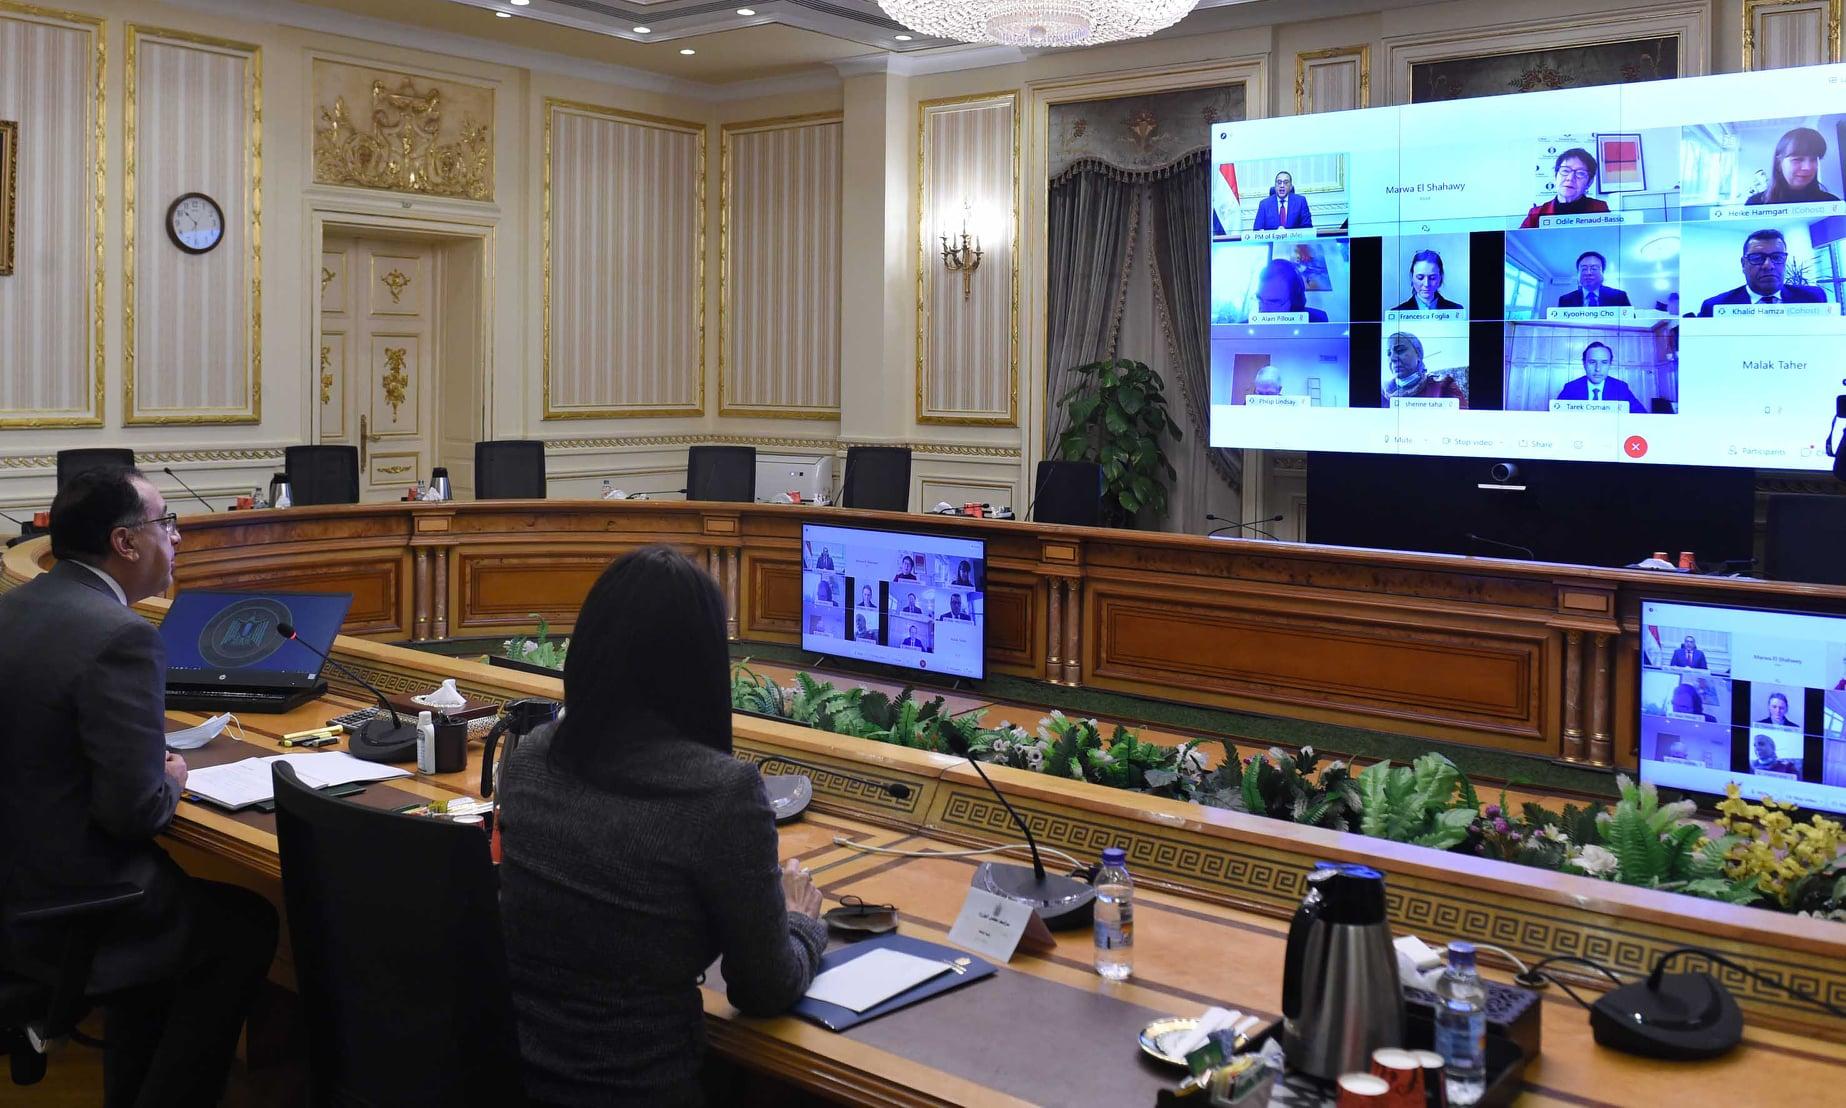 صور | رئيس الوزراء يعقد اجتماعاً عبر الفيديو كونفرانس مع رئيسة البنك الأوروبى لإعادة الإعمار والتنمية